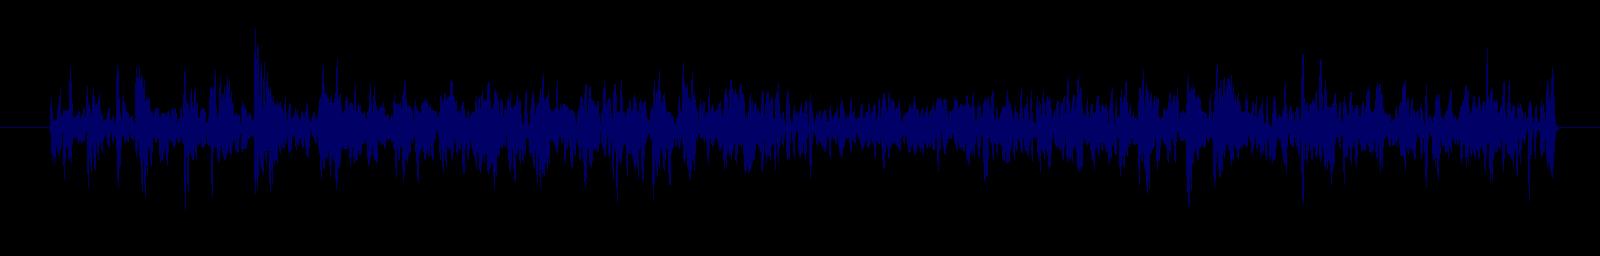 waveform of track #132091